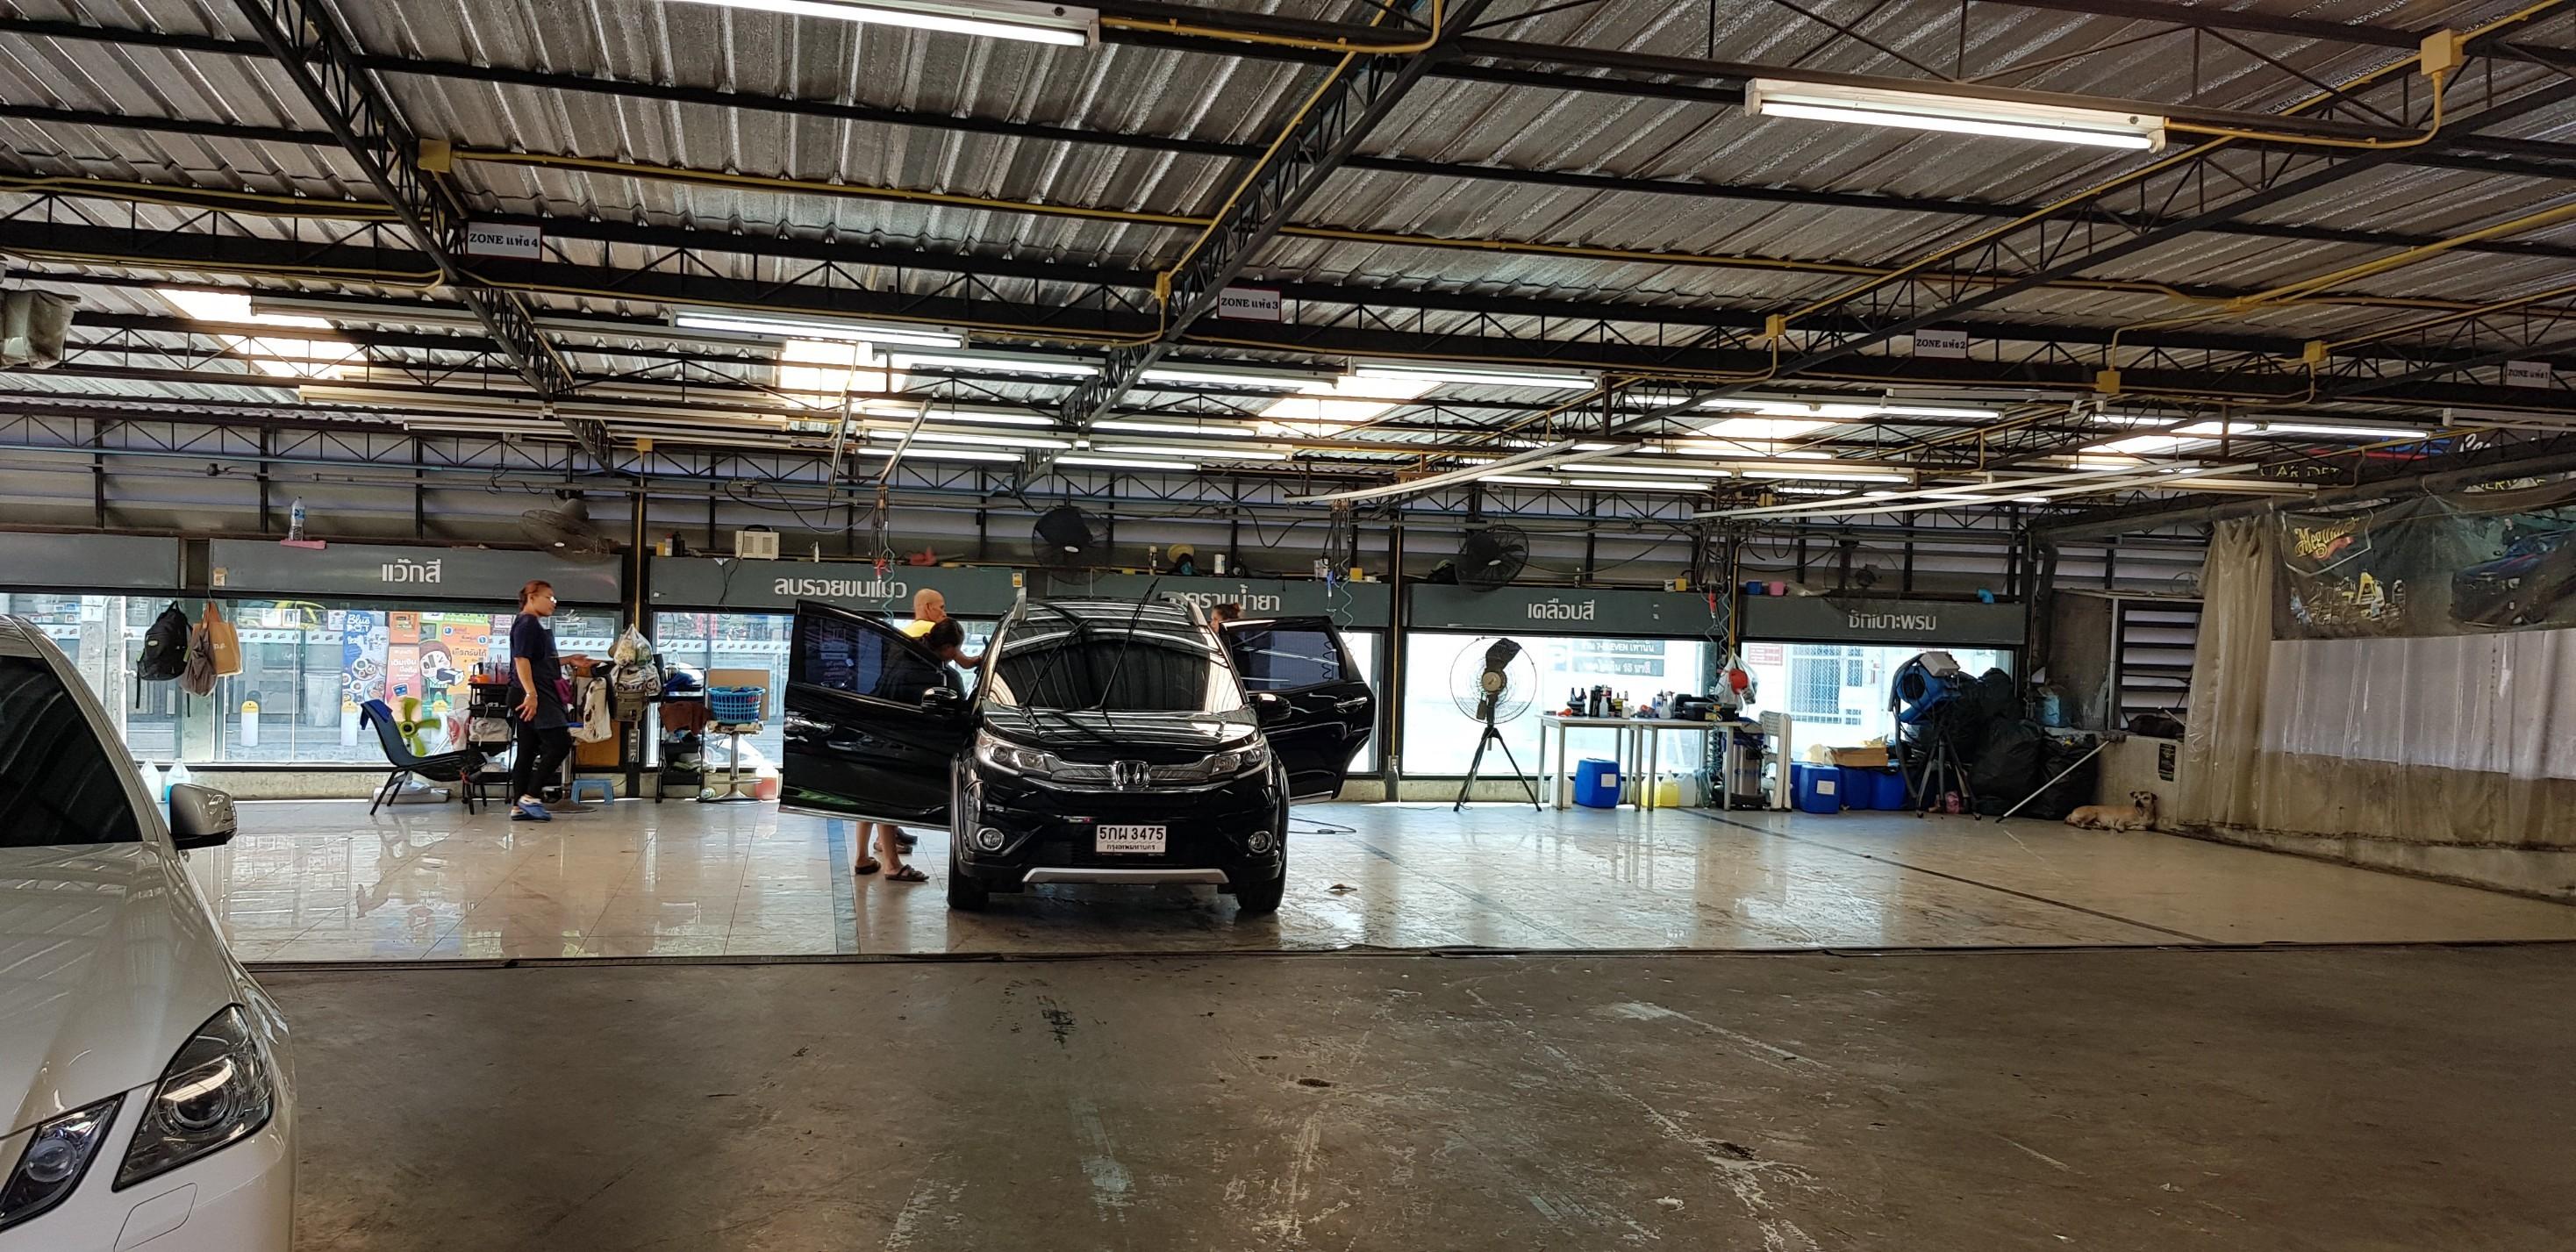 ผลงานวางระบบและอบรมธุรกิจคาร์แคร์ ร้าน BLUE CAR WASH (อุดมสุข)